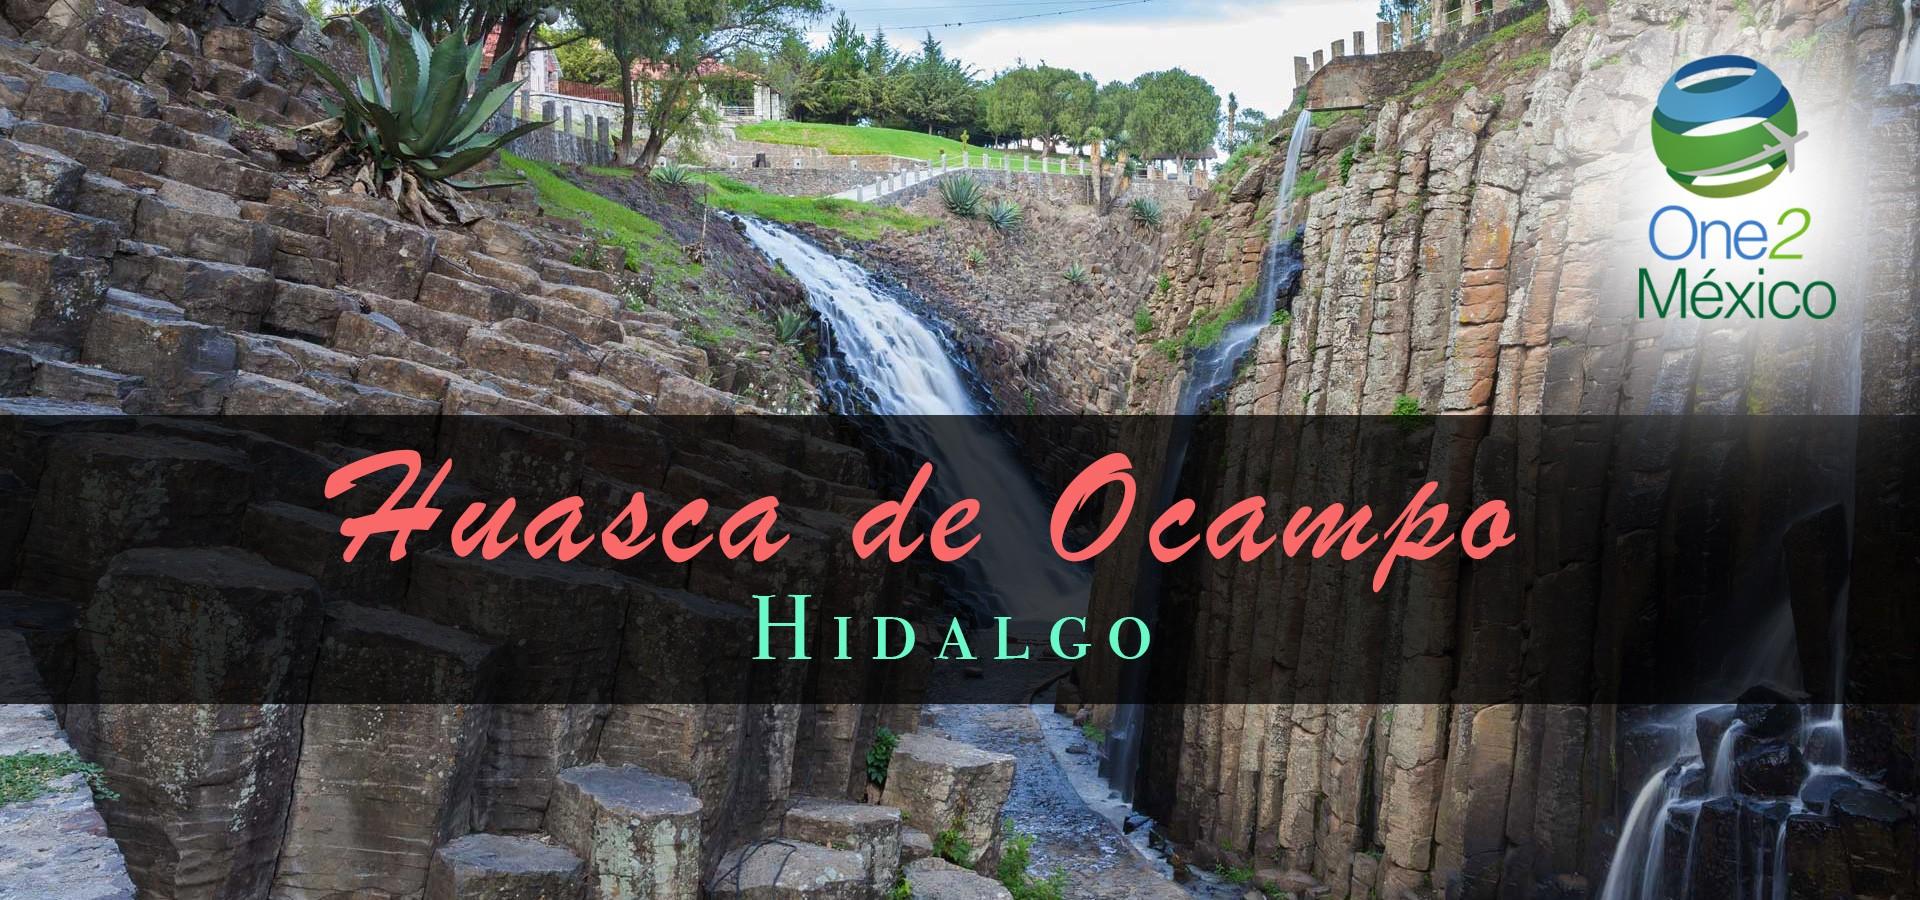 Huasca de Ocampo, Hidalgo